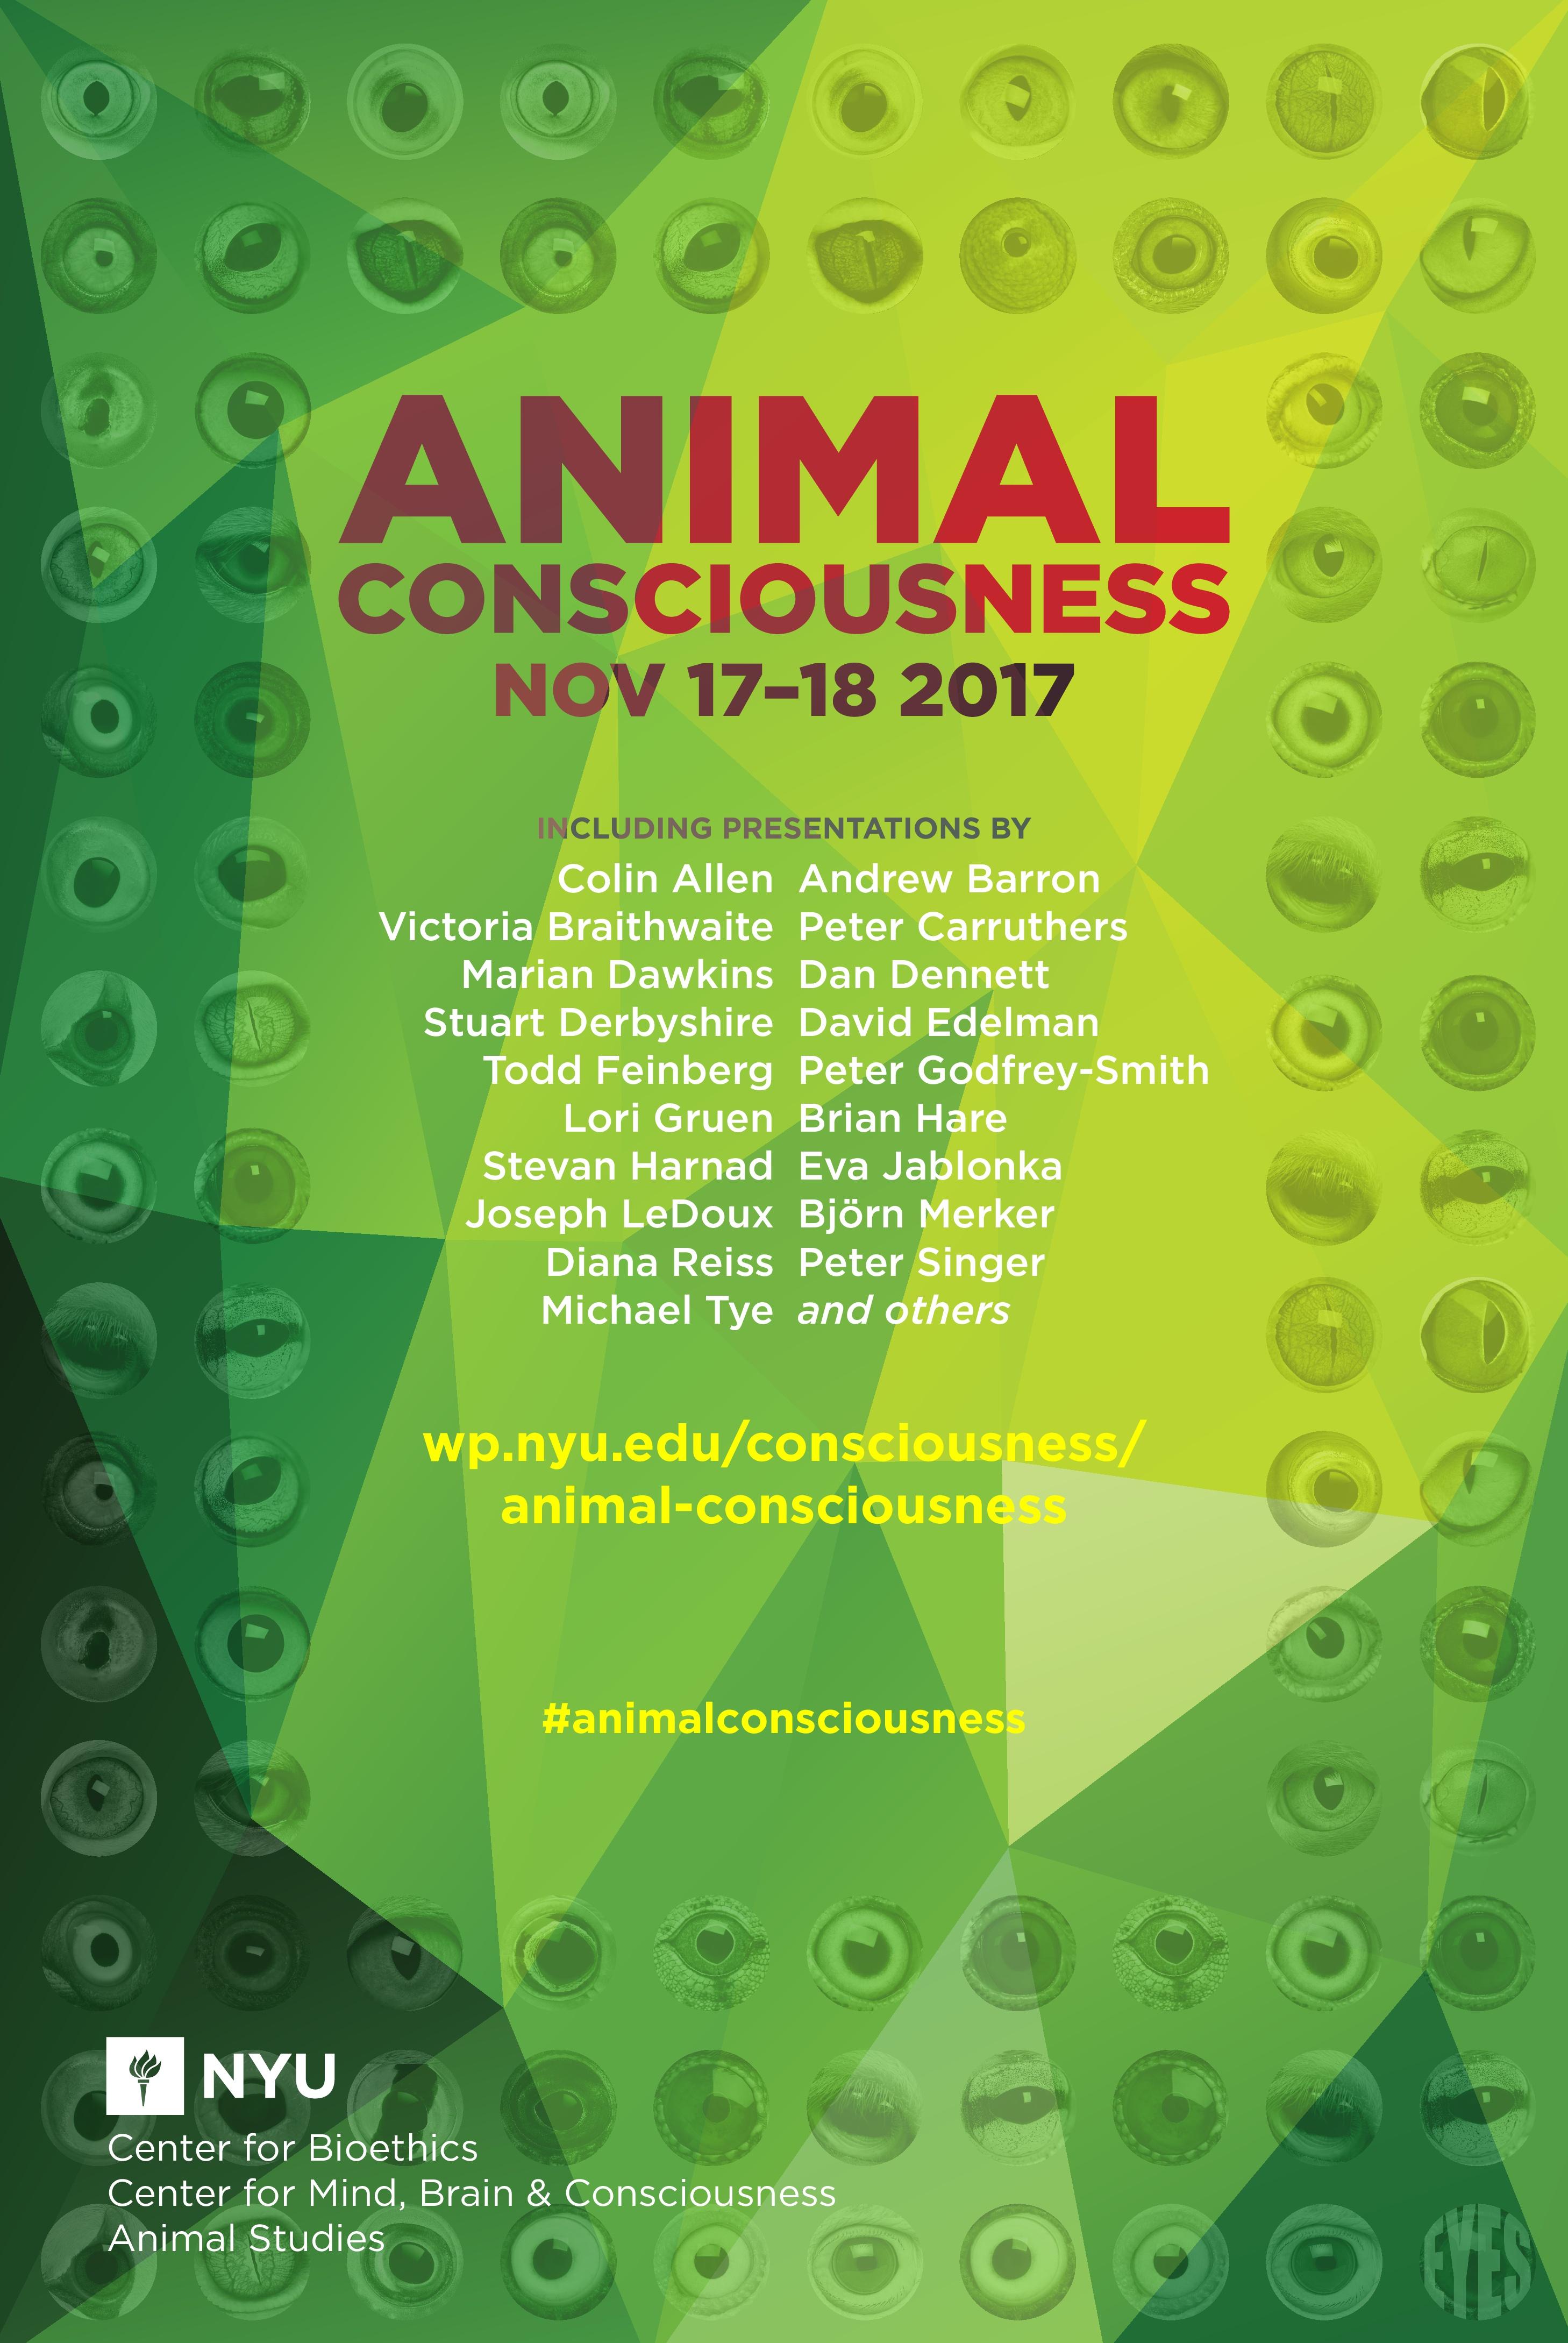 animal consciousness nyu center for mind brain and consciousness